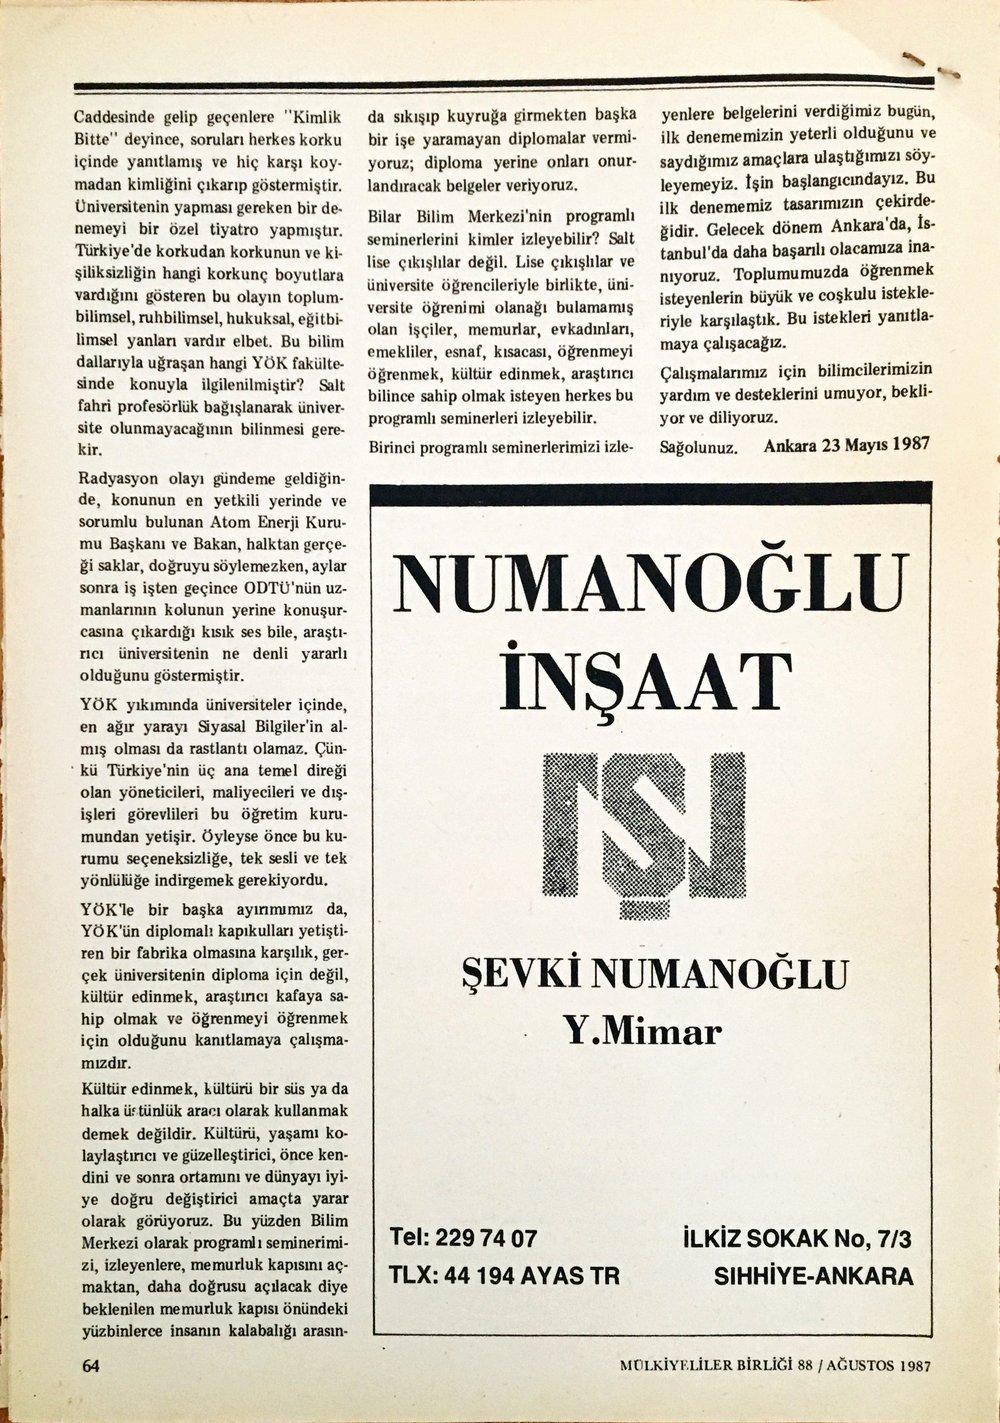 1987_mulkiyeliler-birligi-dergisi_bilar-alpaslan-isikli-5.JPG